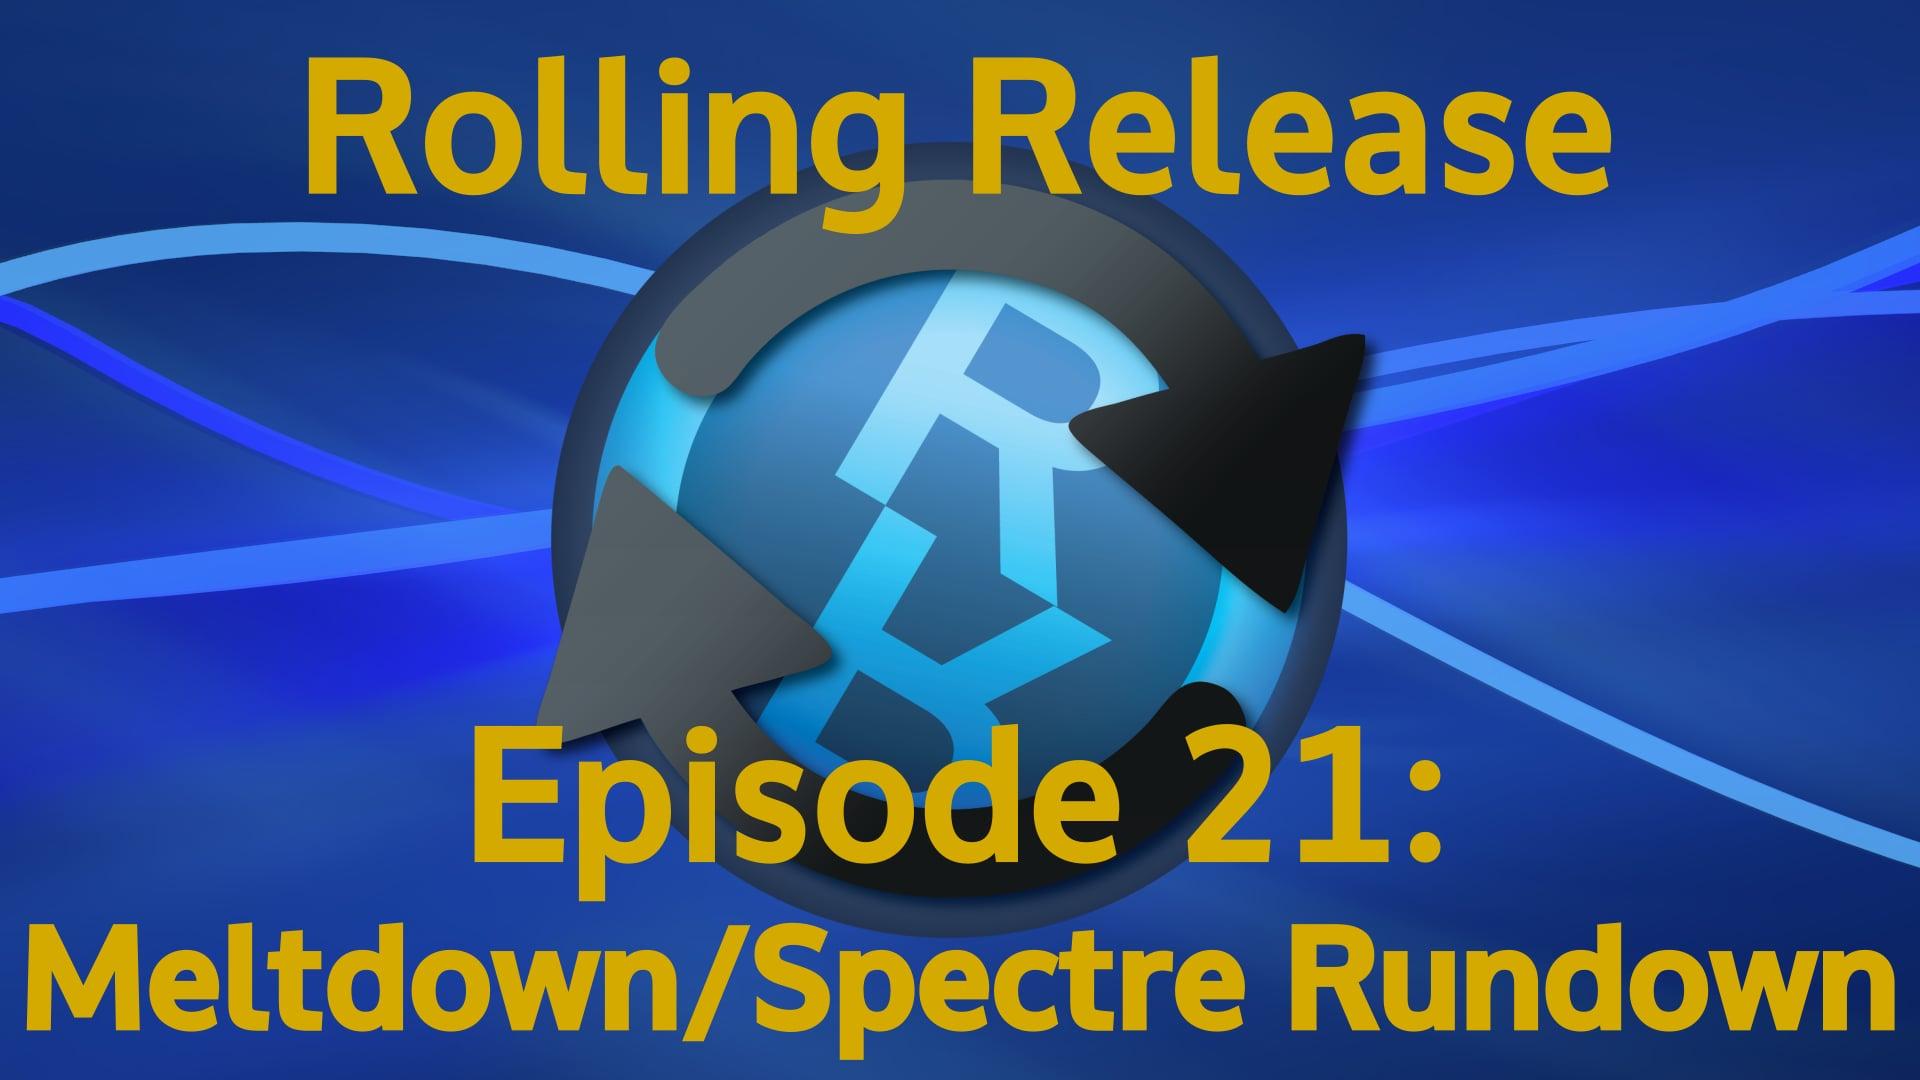 Meltdown/Spectre Rundown - Rolling Release #21